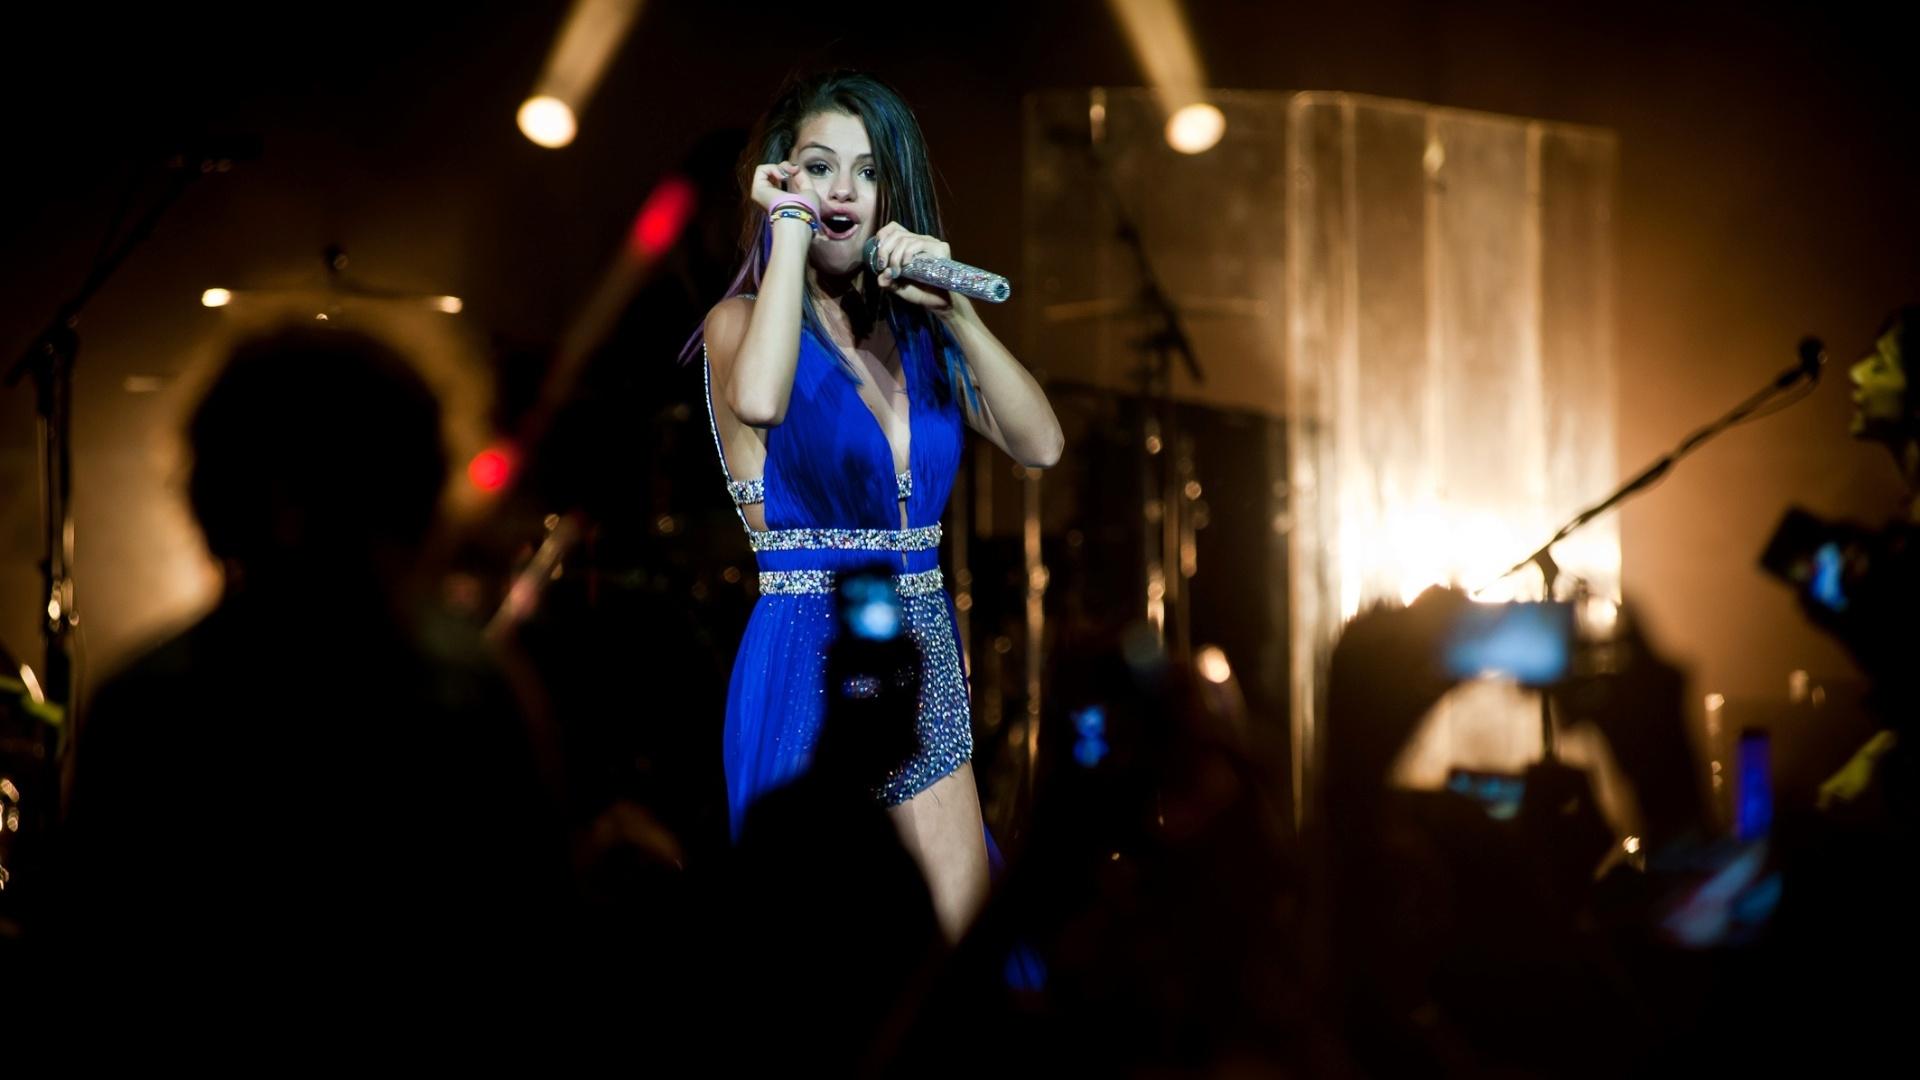 A artista norte-americana Selena Gomez durante apresentação em São Paulo em fevereiro de 2012